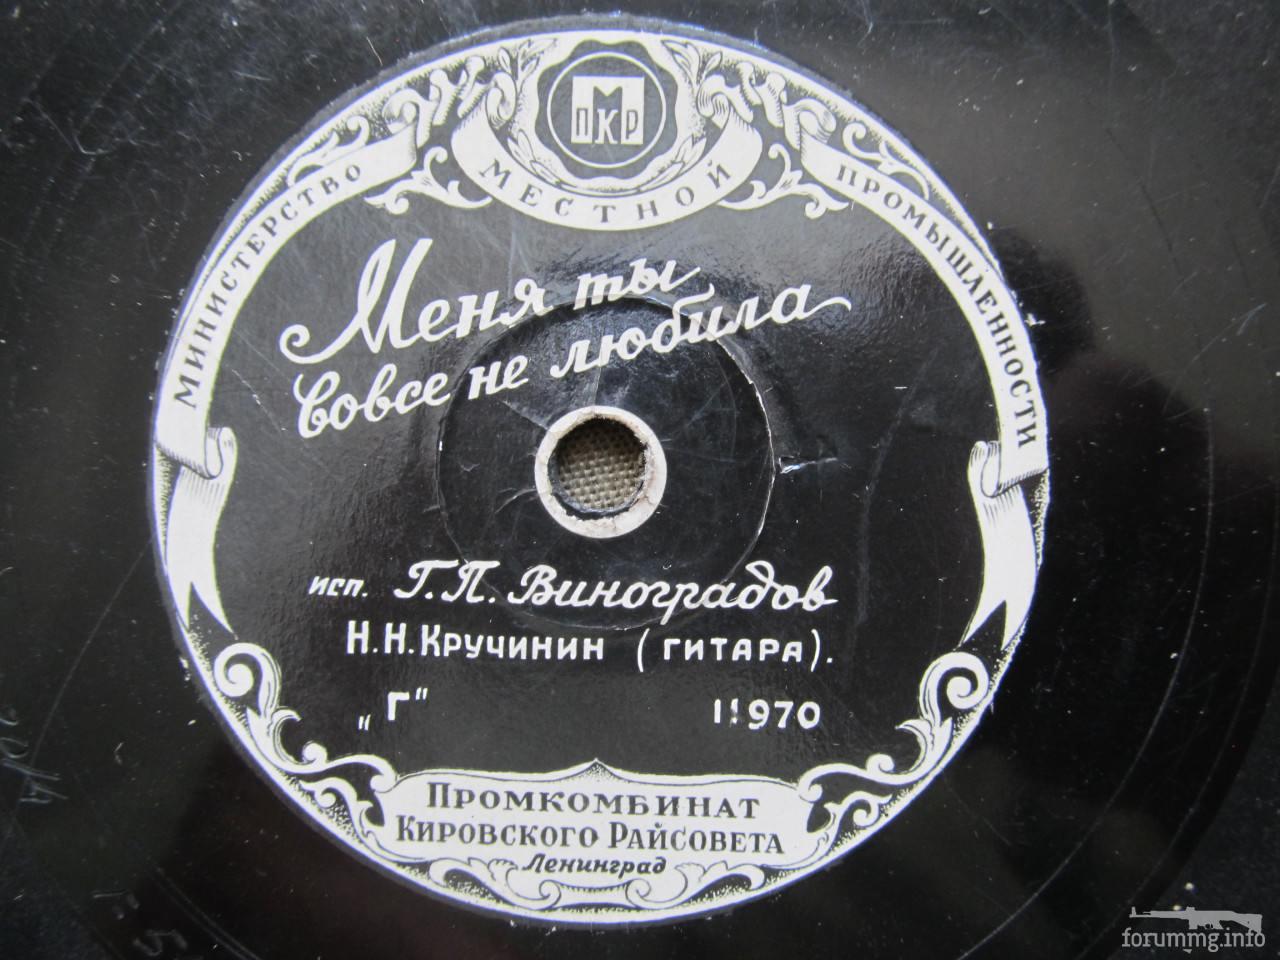 138237 - Міні-колекція патефонних пластів